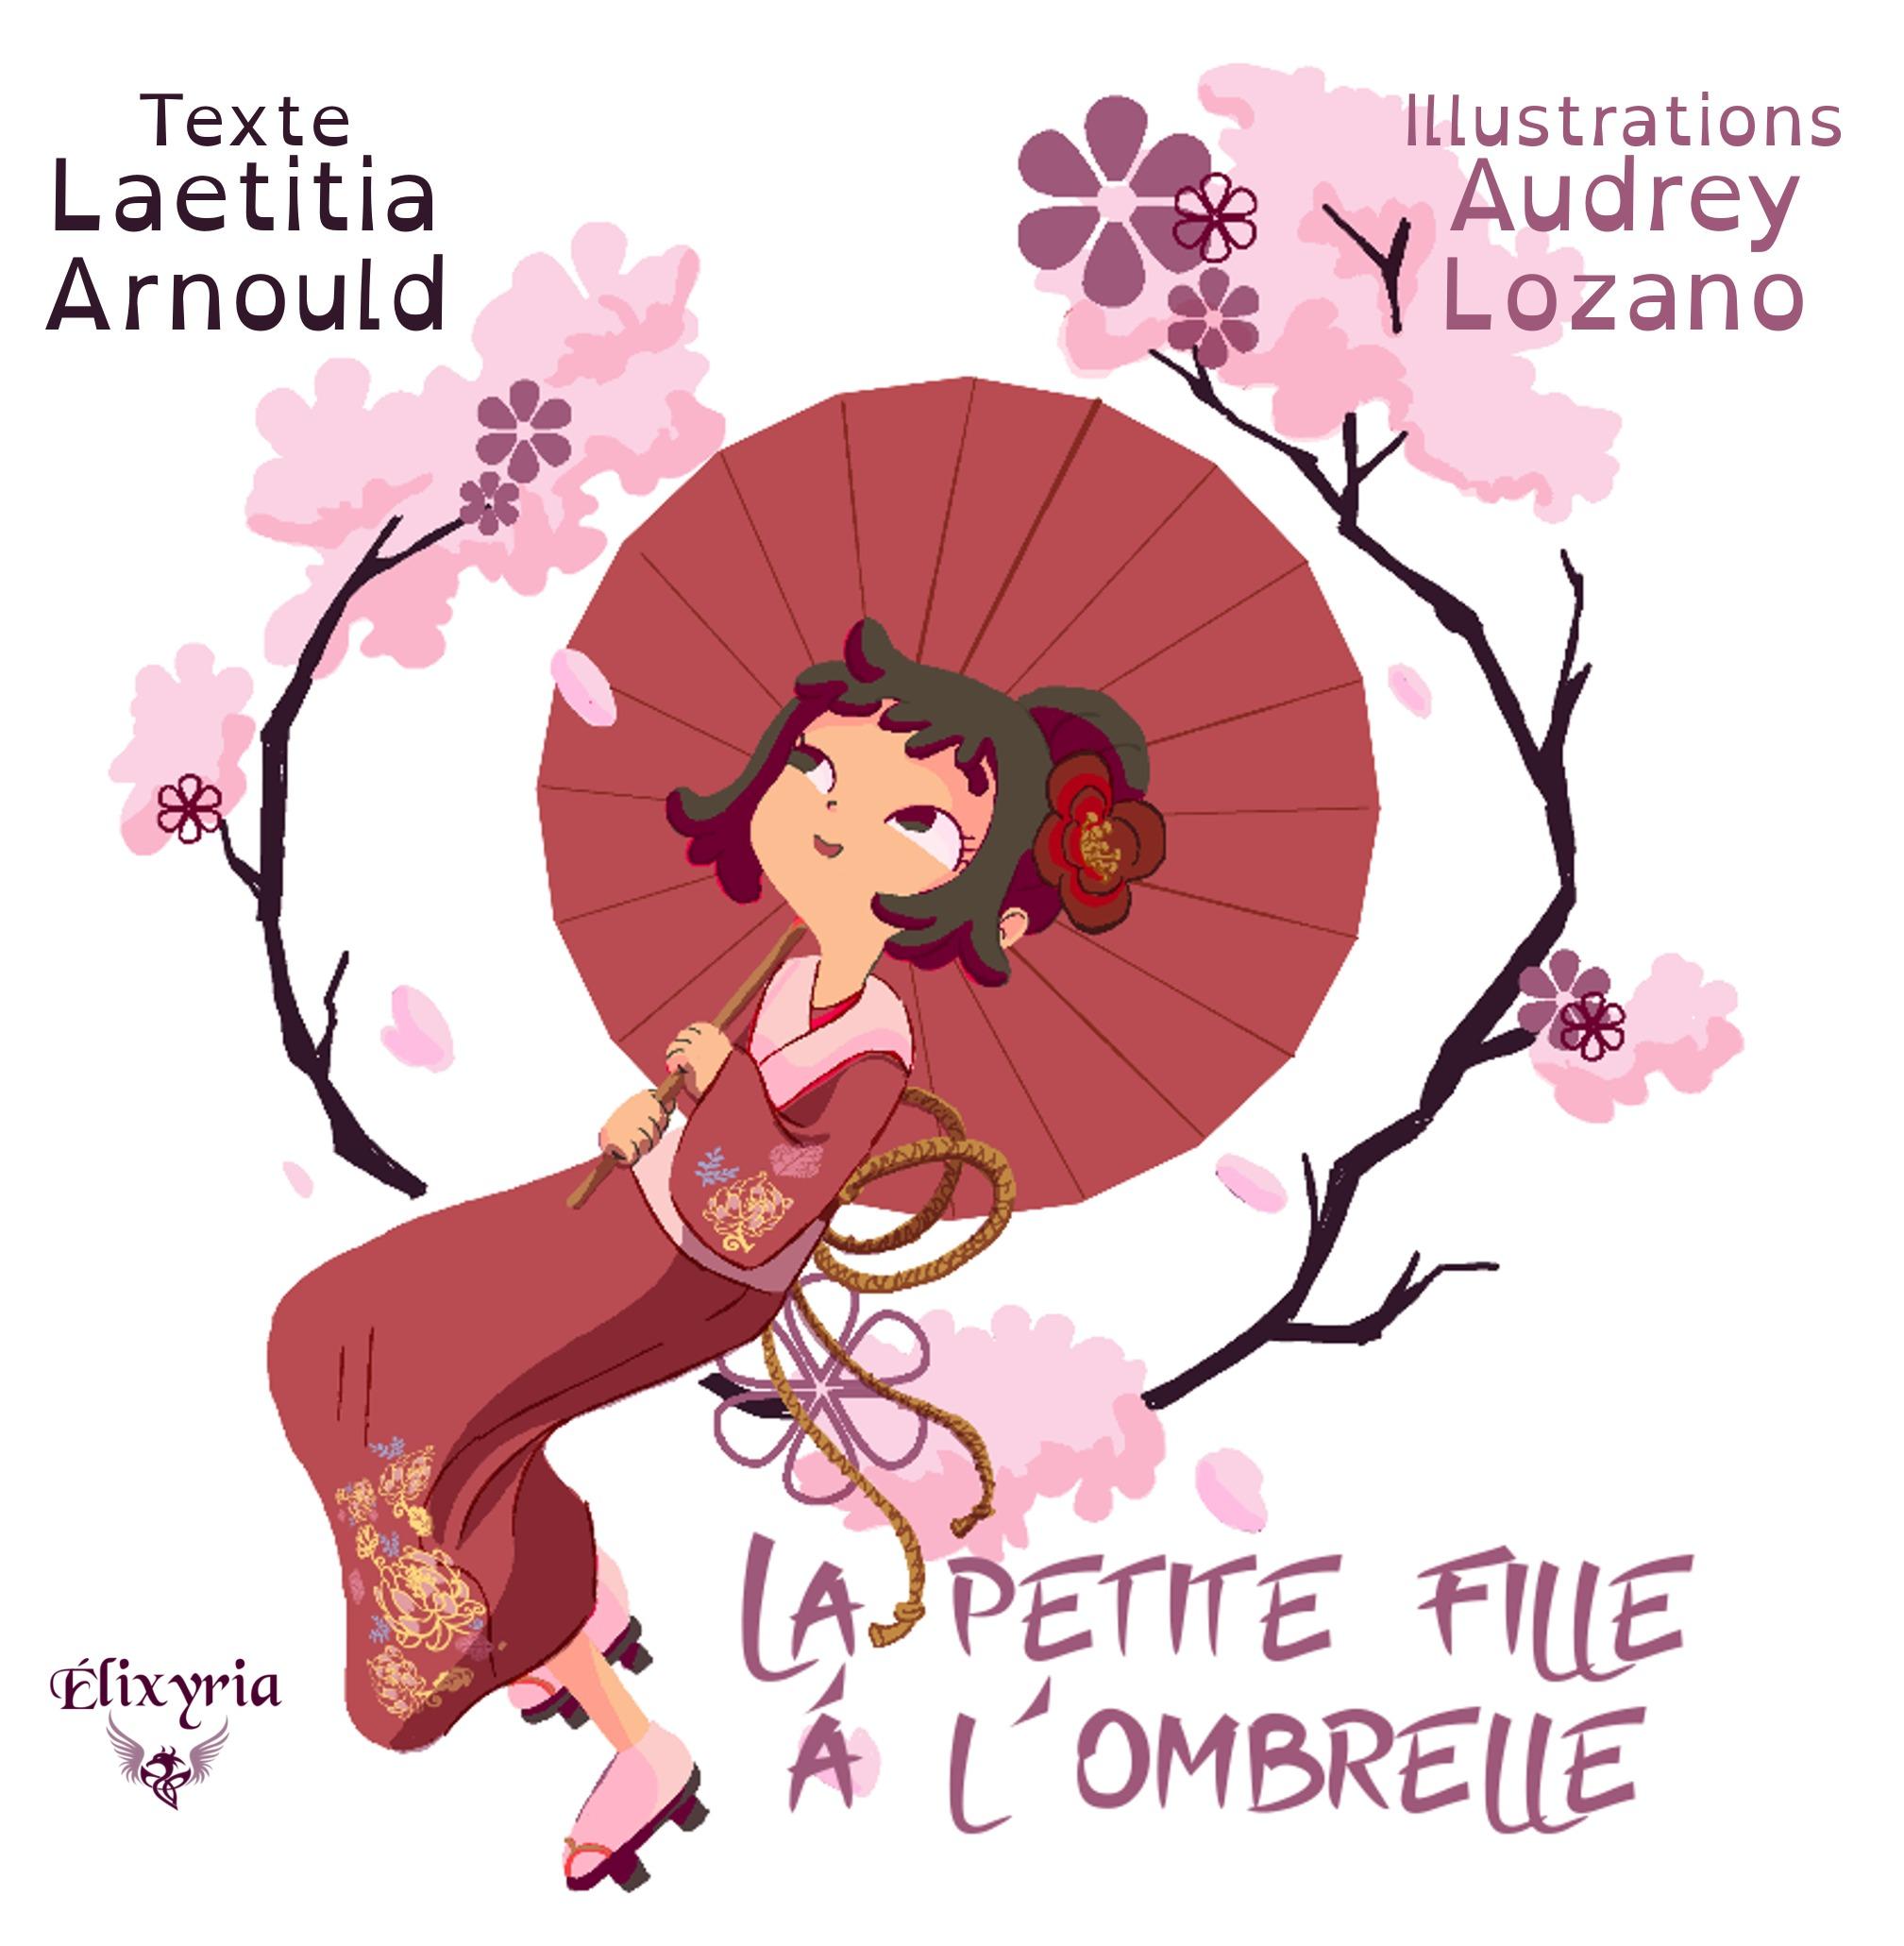 La petite fille à l'ombrelle